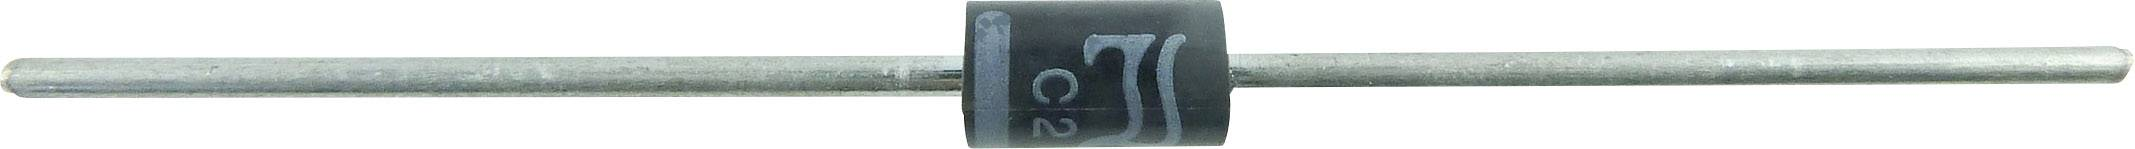 Schottkyho usmerňovacia dióda Diotec SB5100, 5 A, 100 V